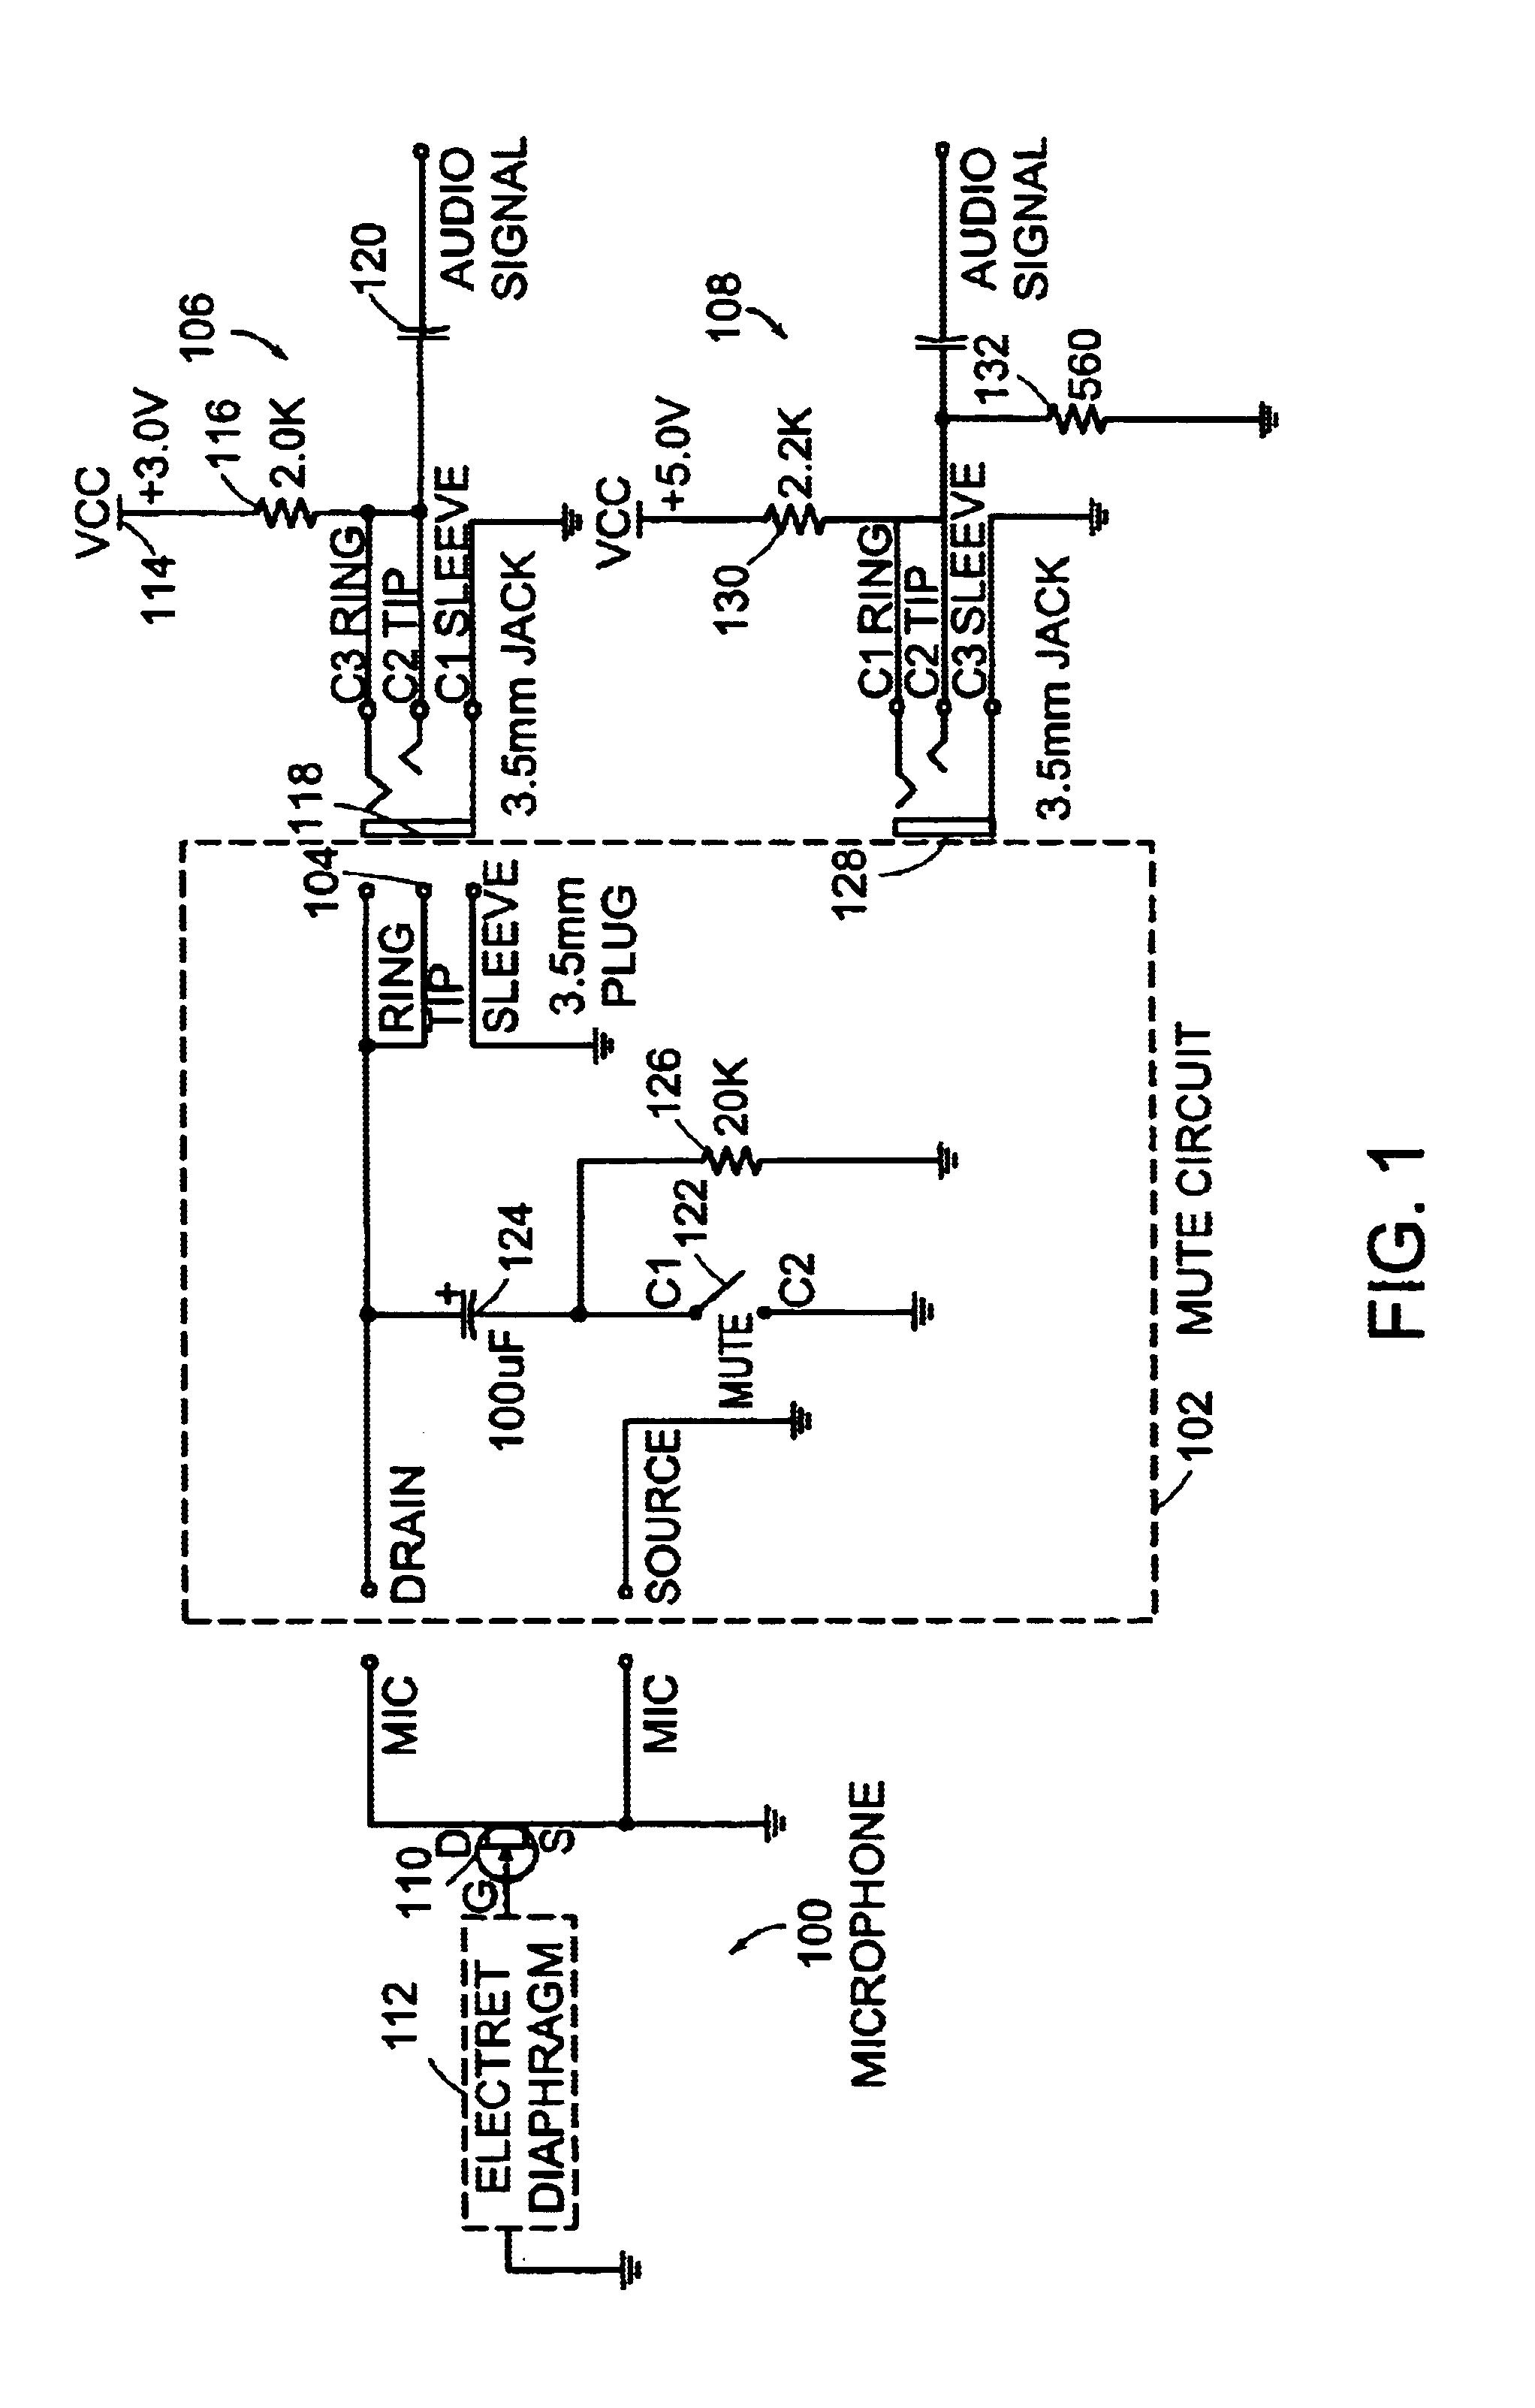 Cd Mic Wiring Diagrams - List of Wiring Diagrams  Pair Microphone Wiring Diagram on